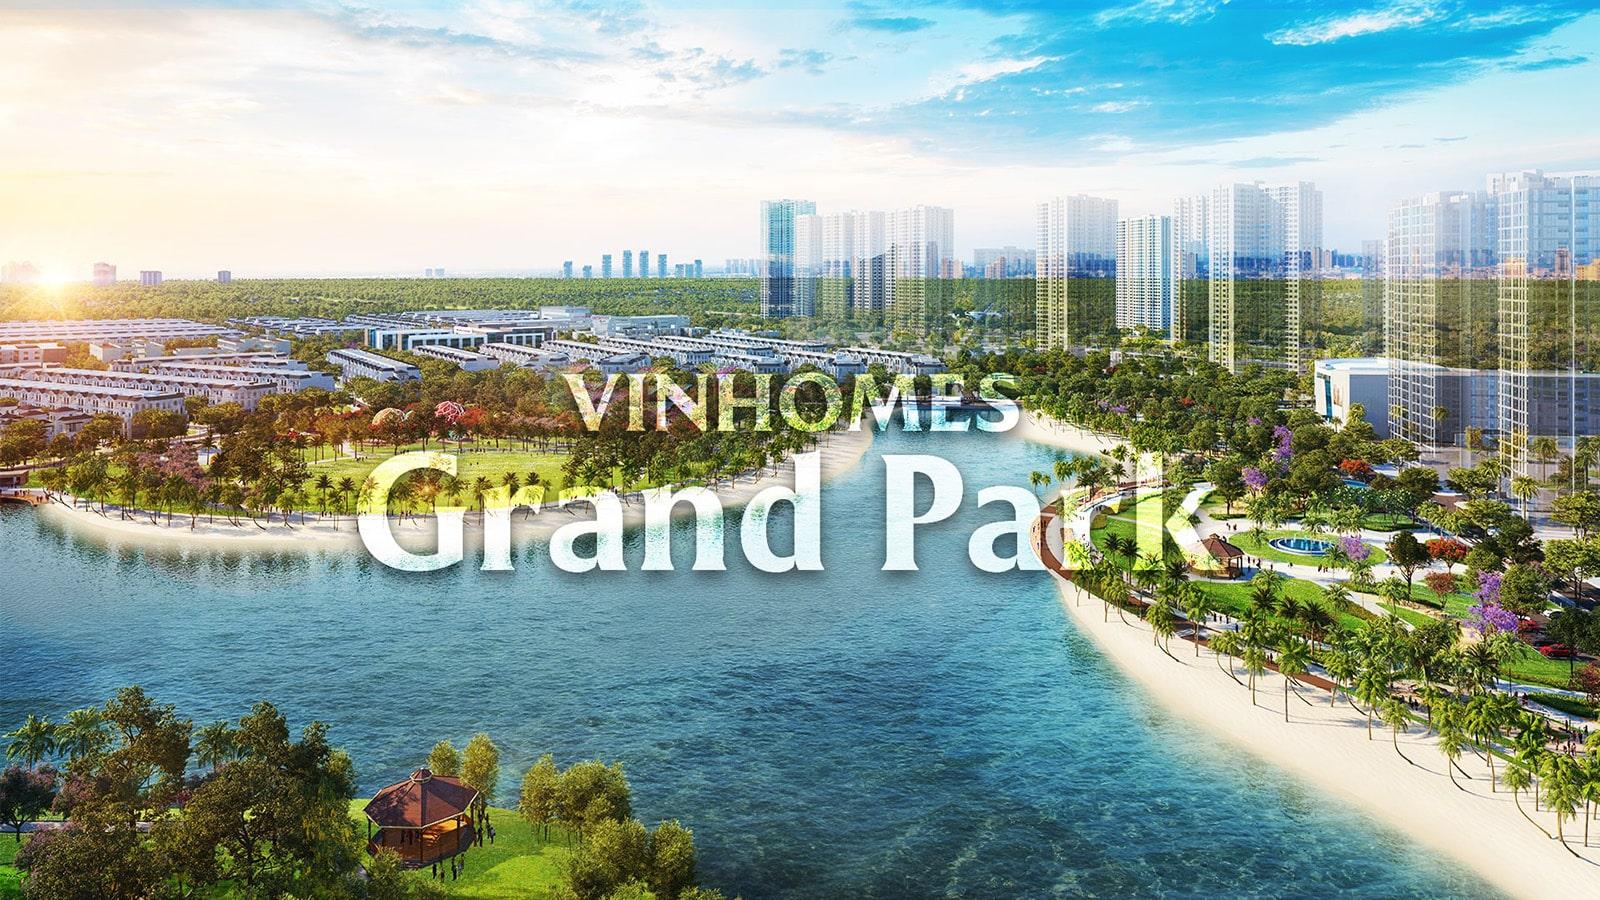 Đại công viên quy mô 36 ha hàng đầu Đông Nam Á tại Vinhomes Grand Park.